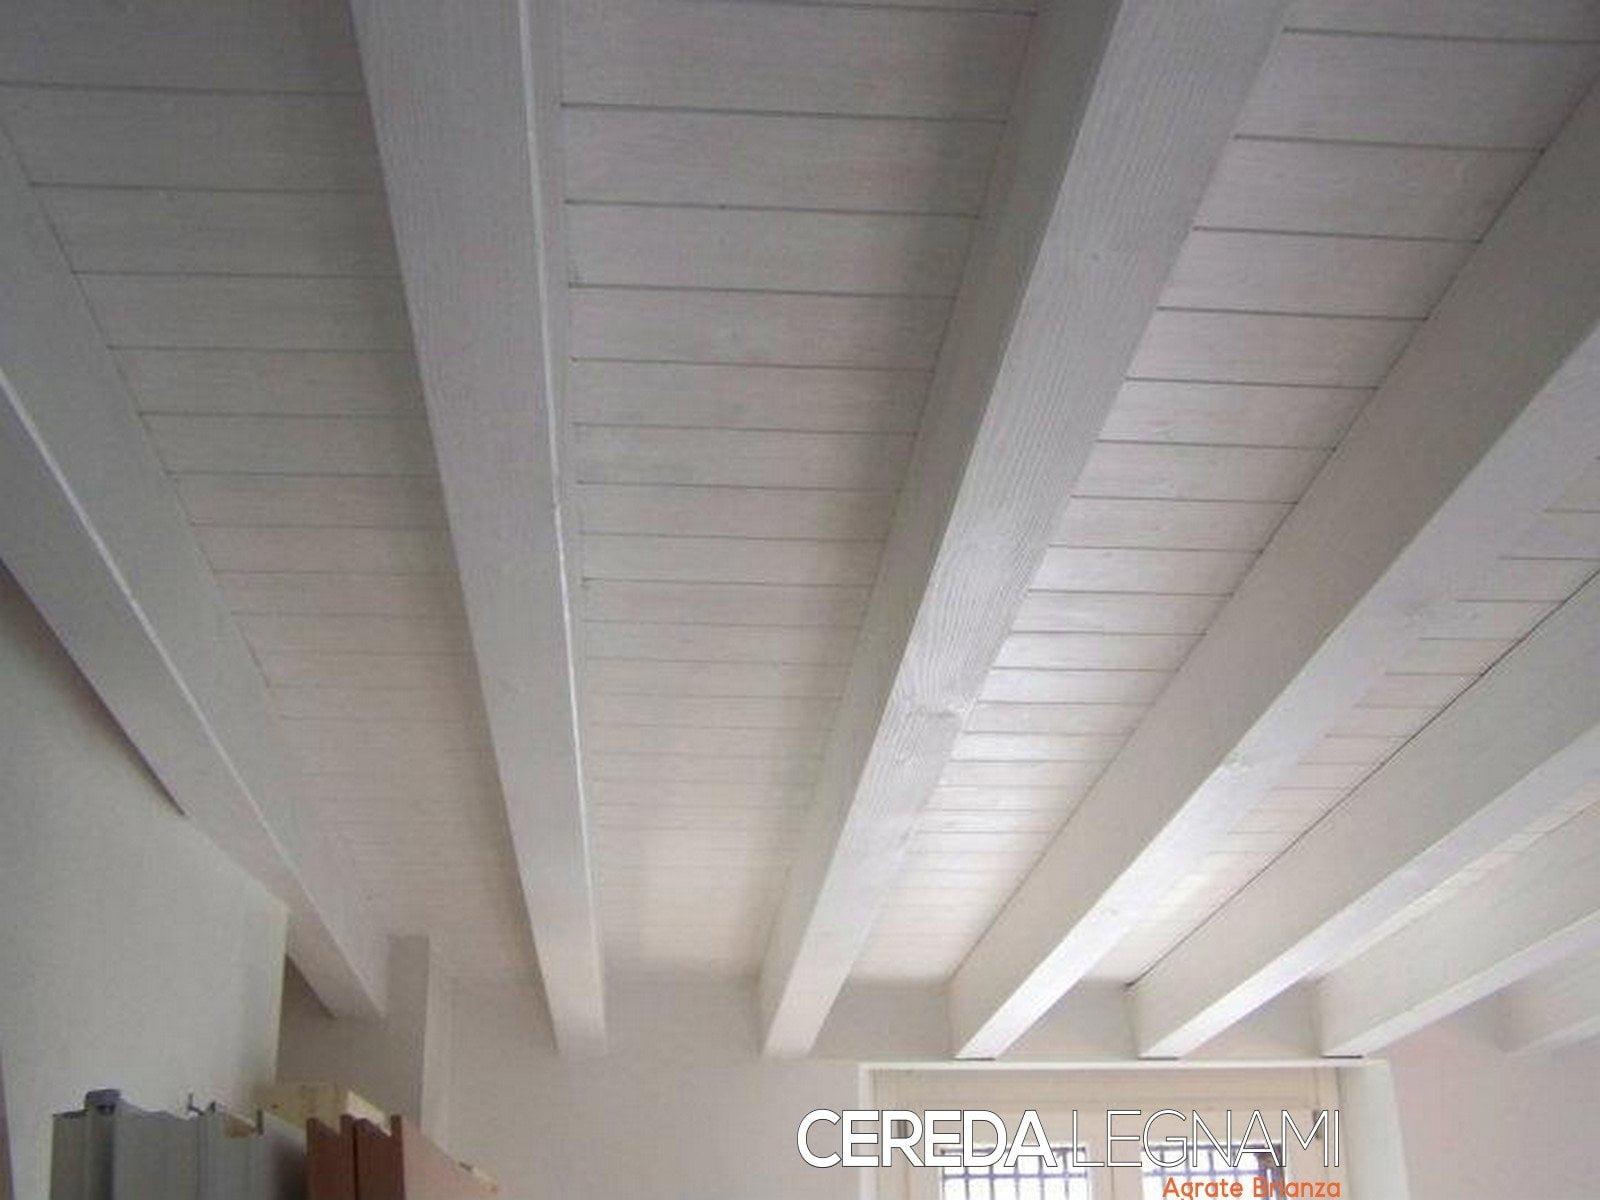 Soffitto In Legno Lamellare : Legno lamellare fornitura e posa in opera per solai solette e